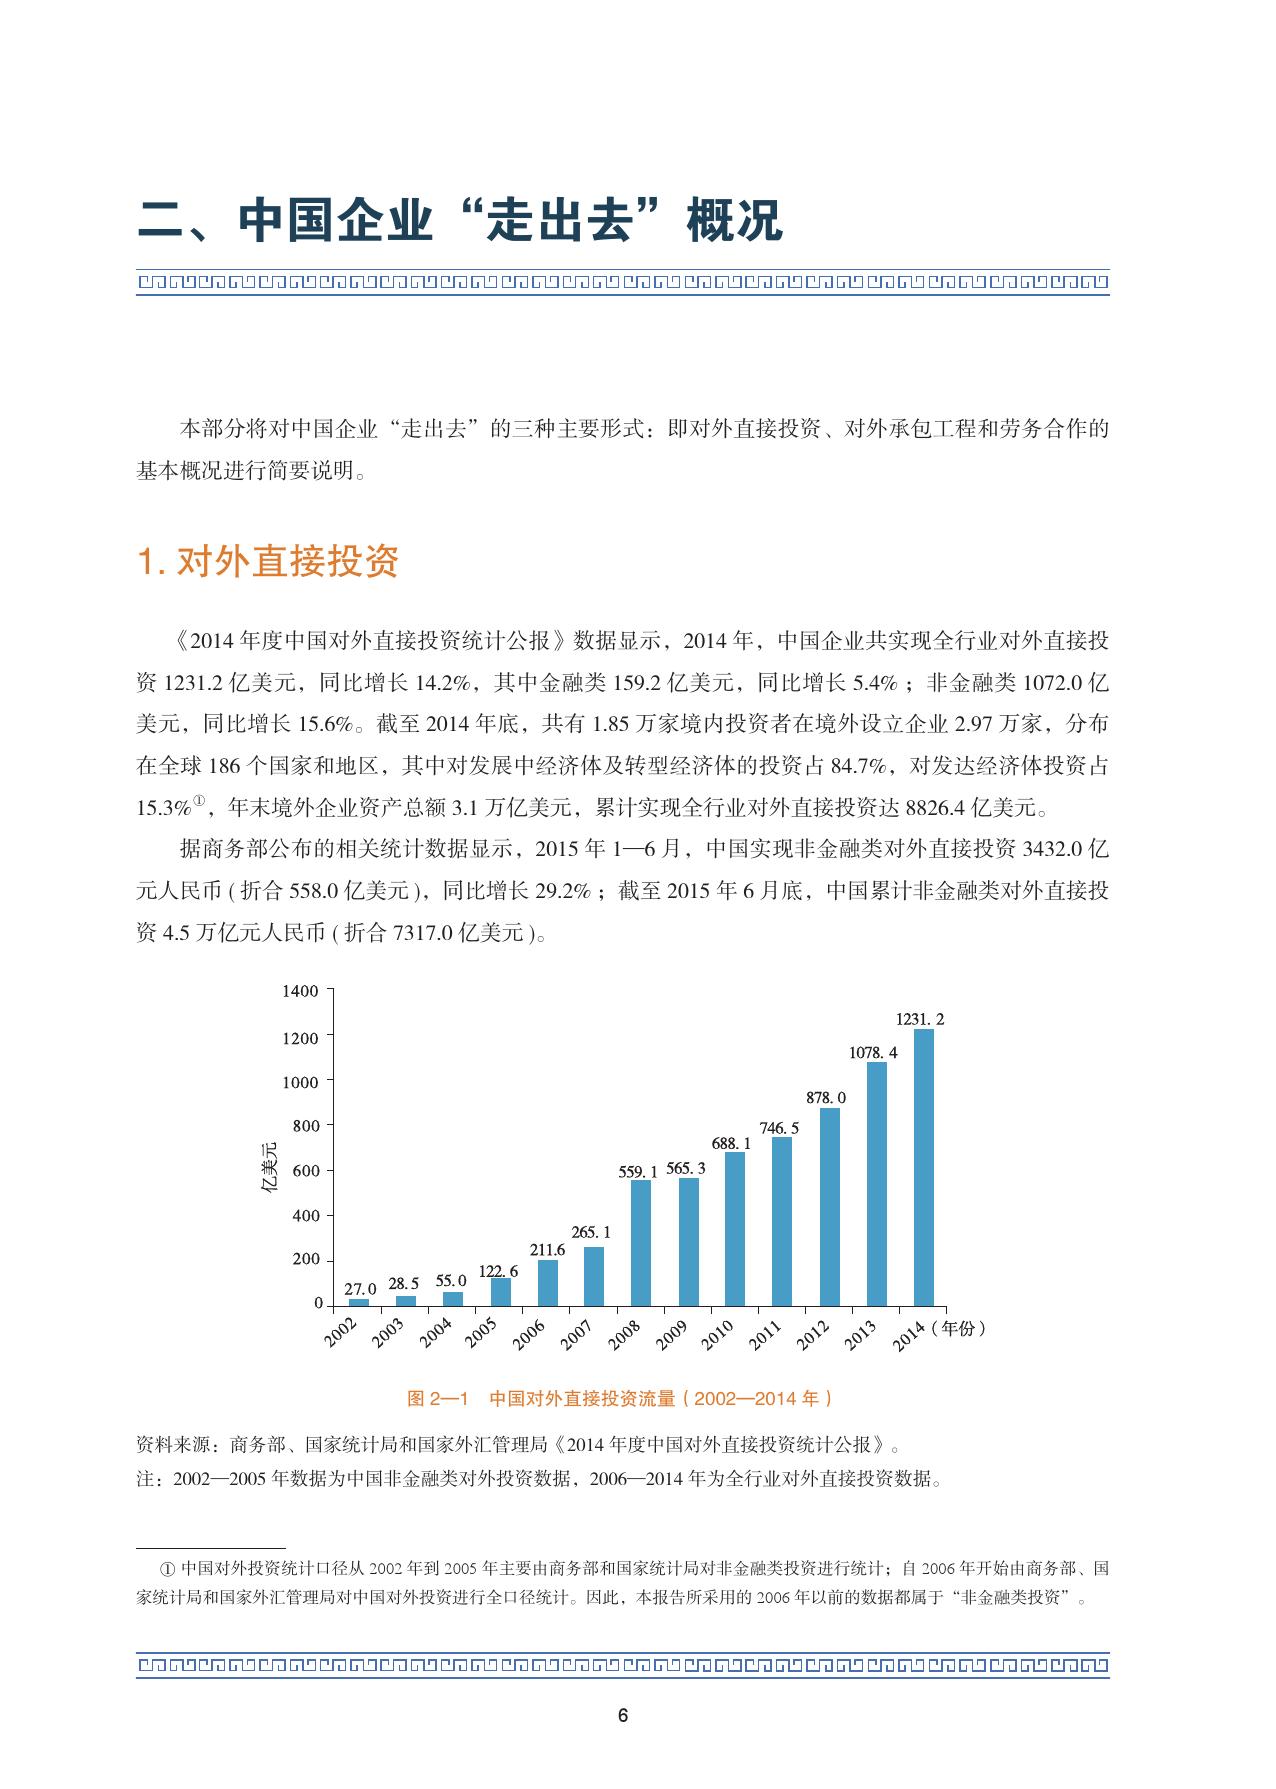 2015中国企业海外可持续发展报告_000020